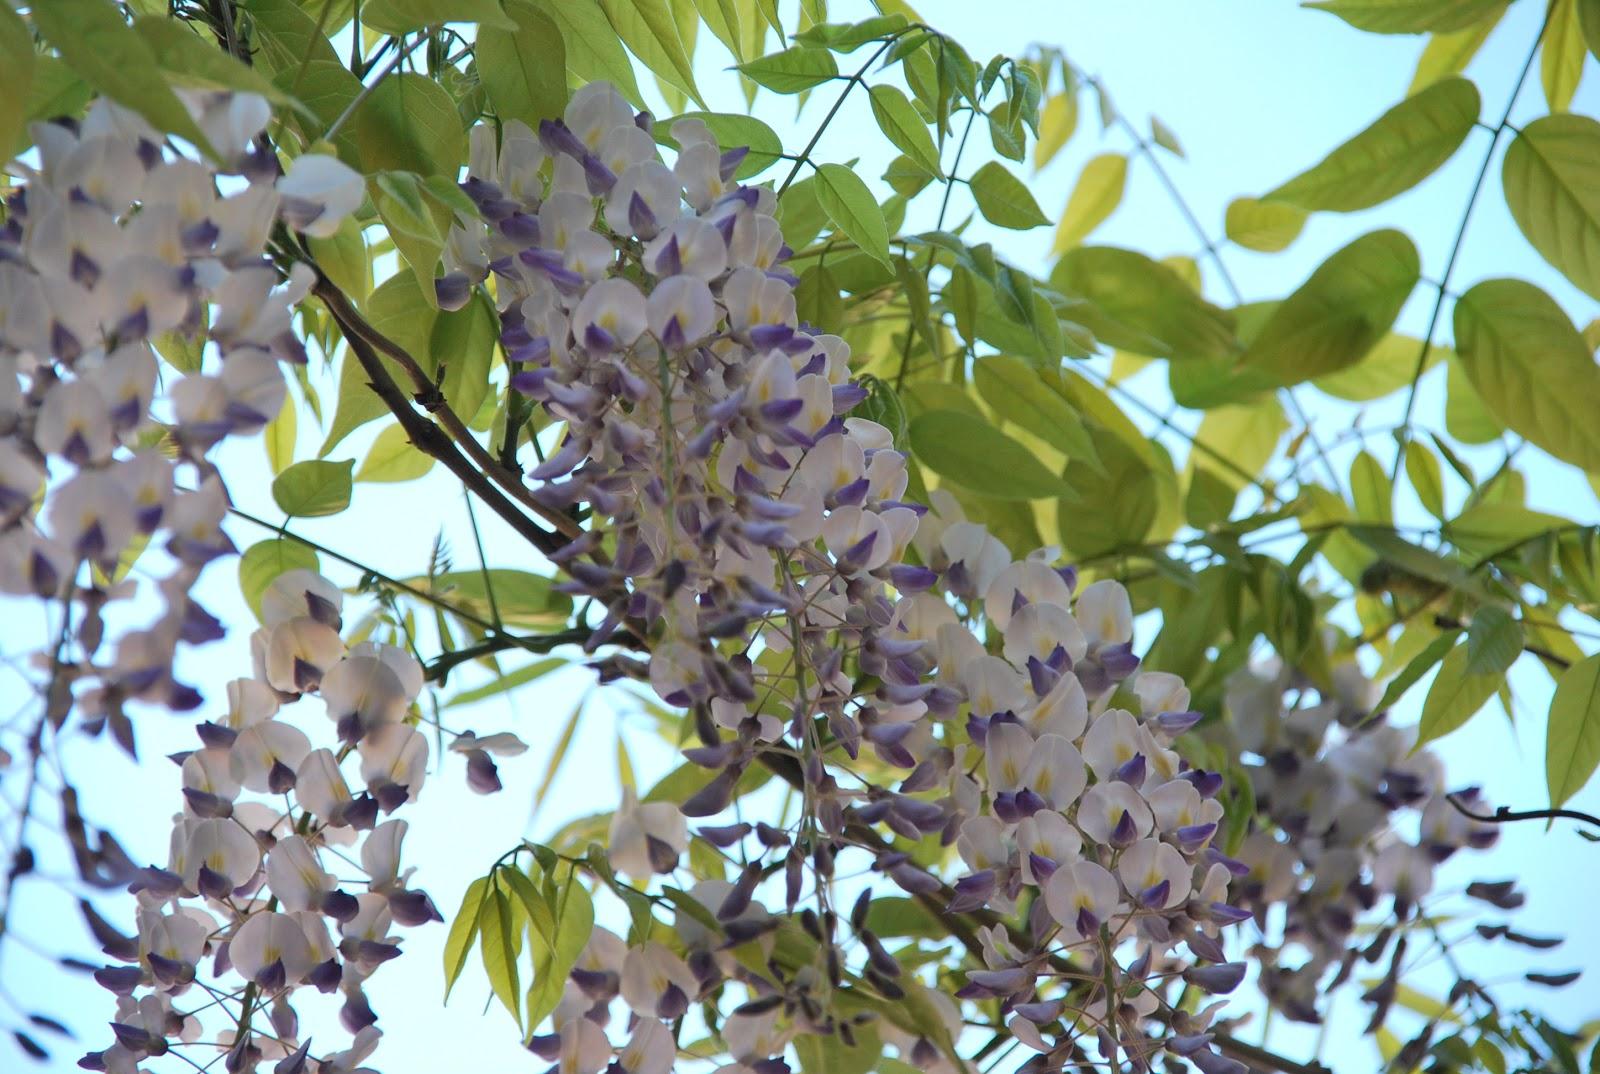 Giardino metropolitano piante rampicanti il glicine for Piante da frutto rampicanti